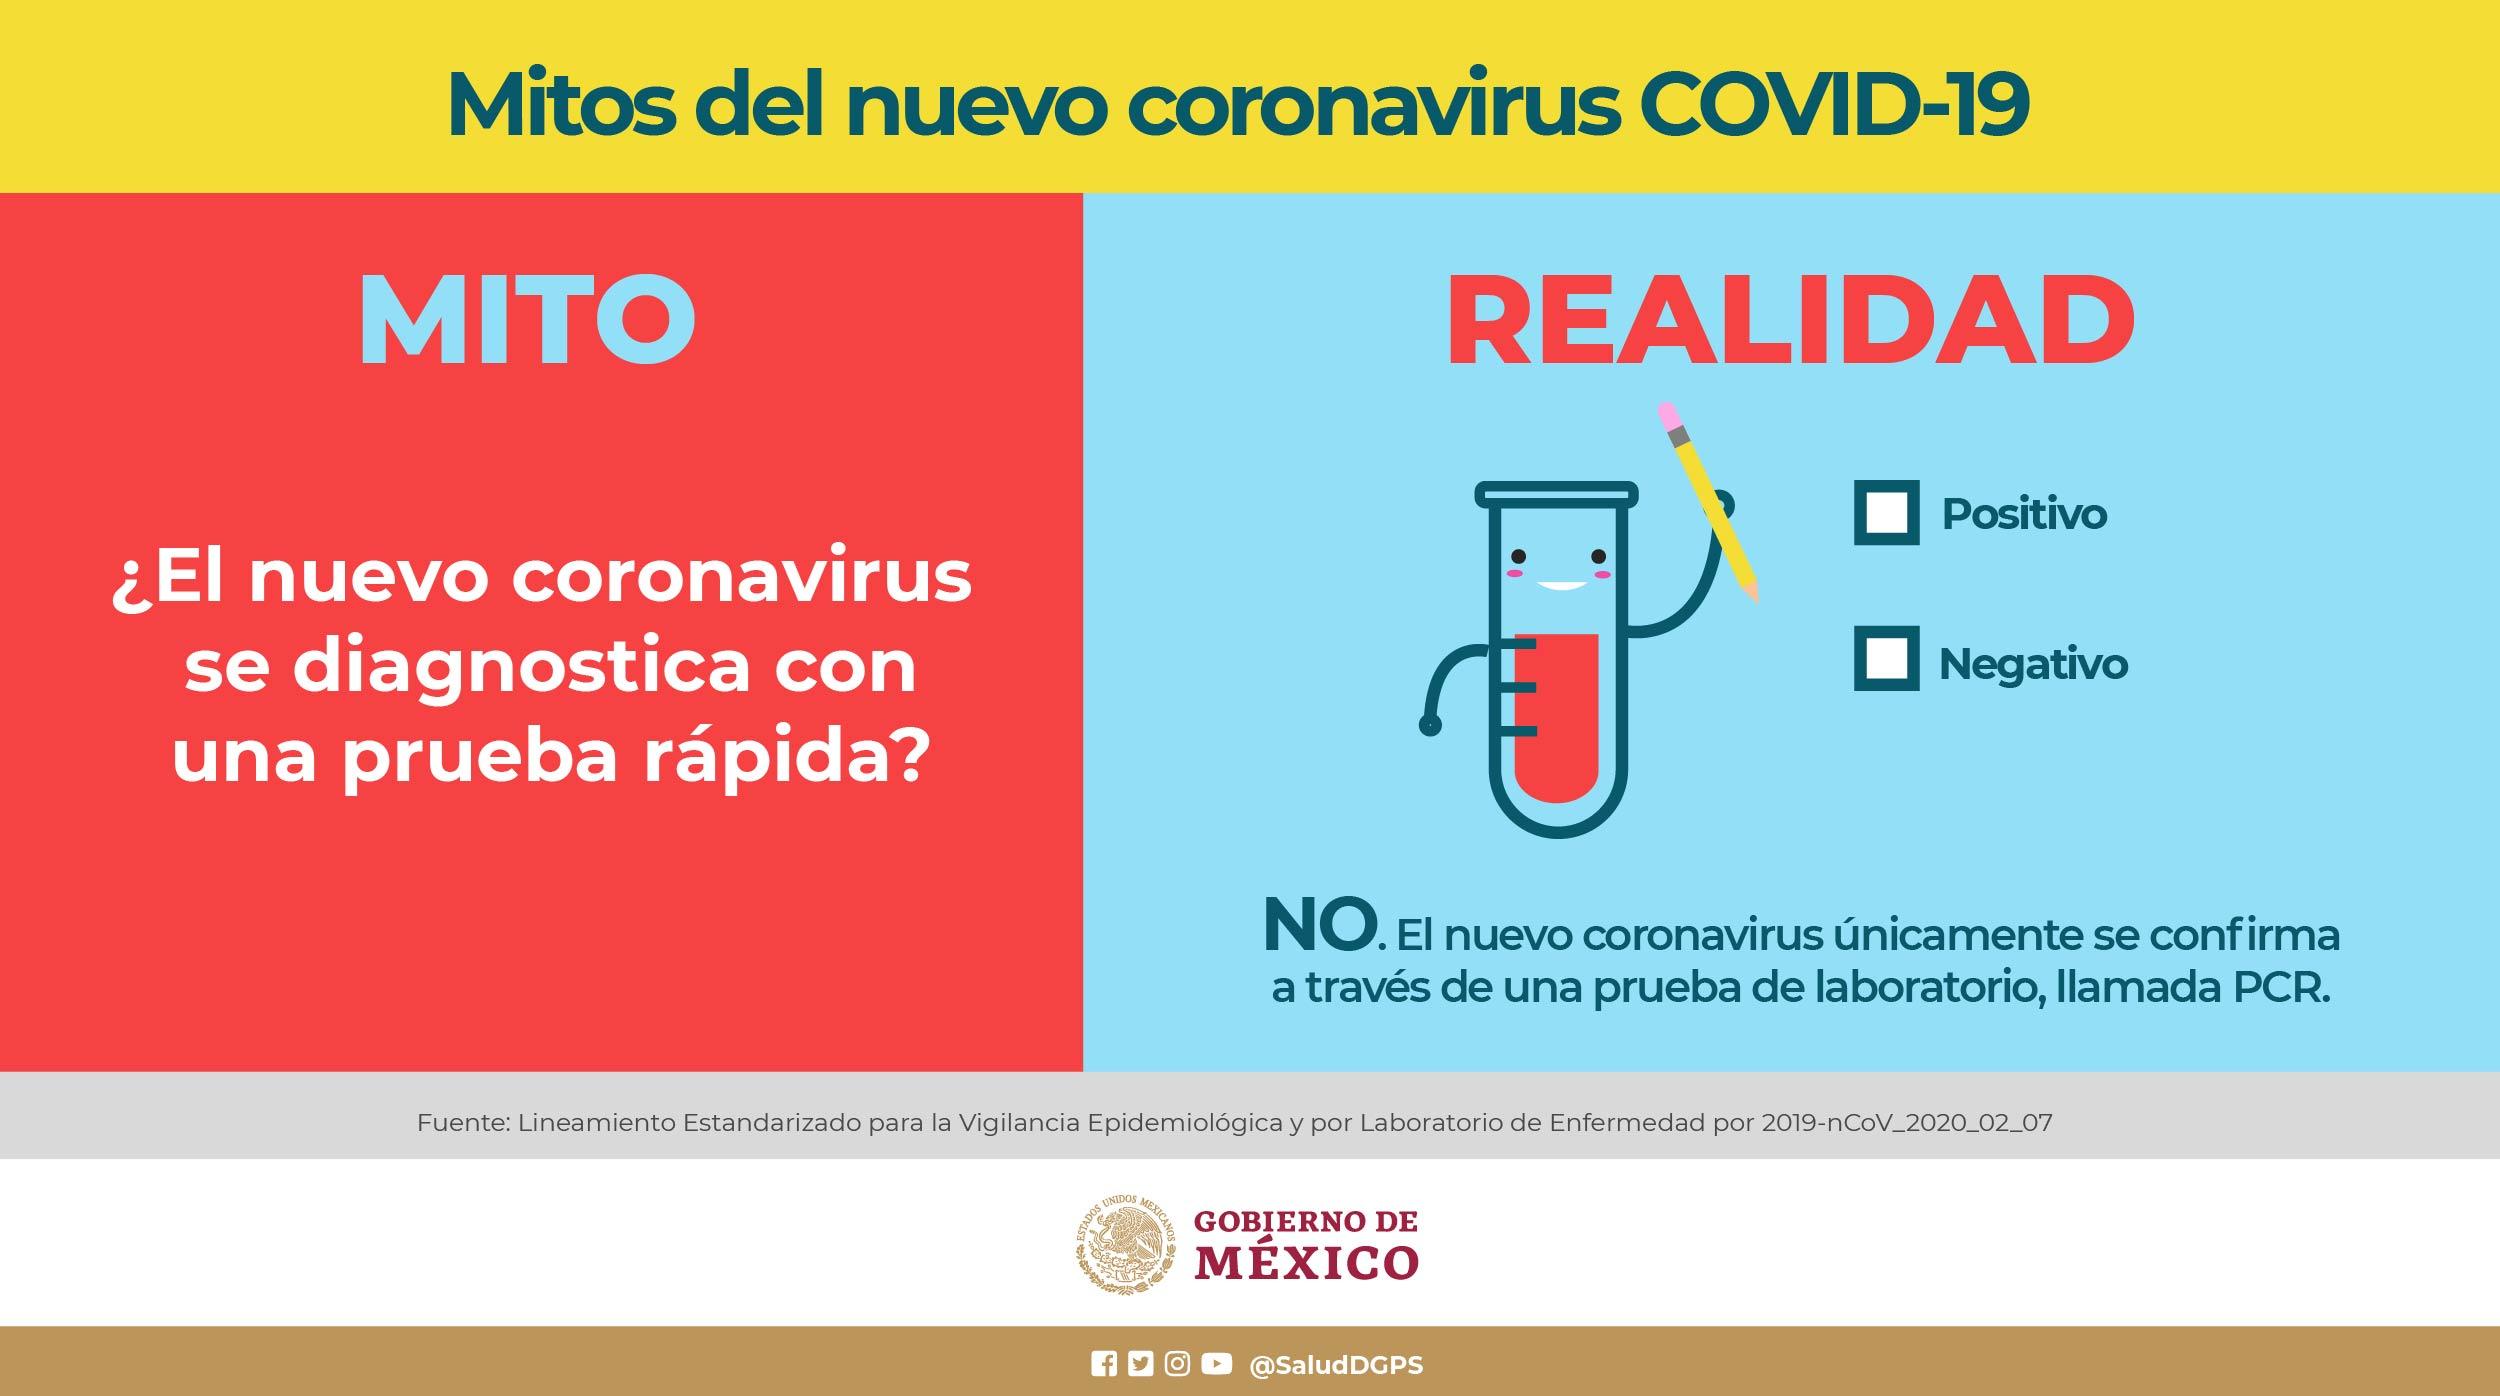 COVID-19 MITOS Y REALIDADES | Secretaría de Salud | Gobierno | gob.mx